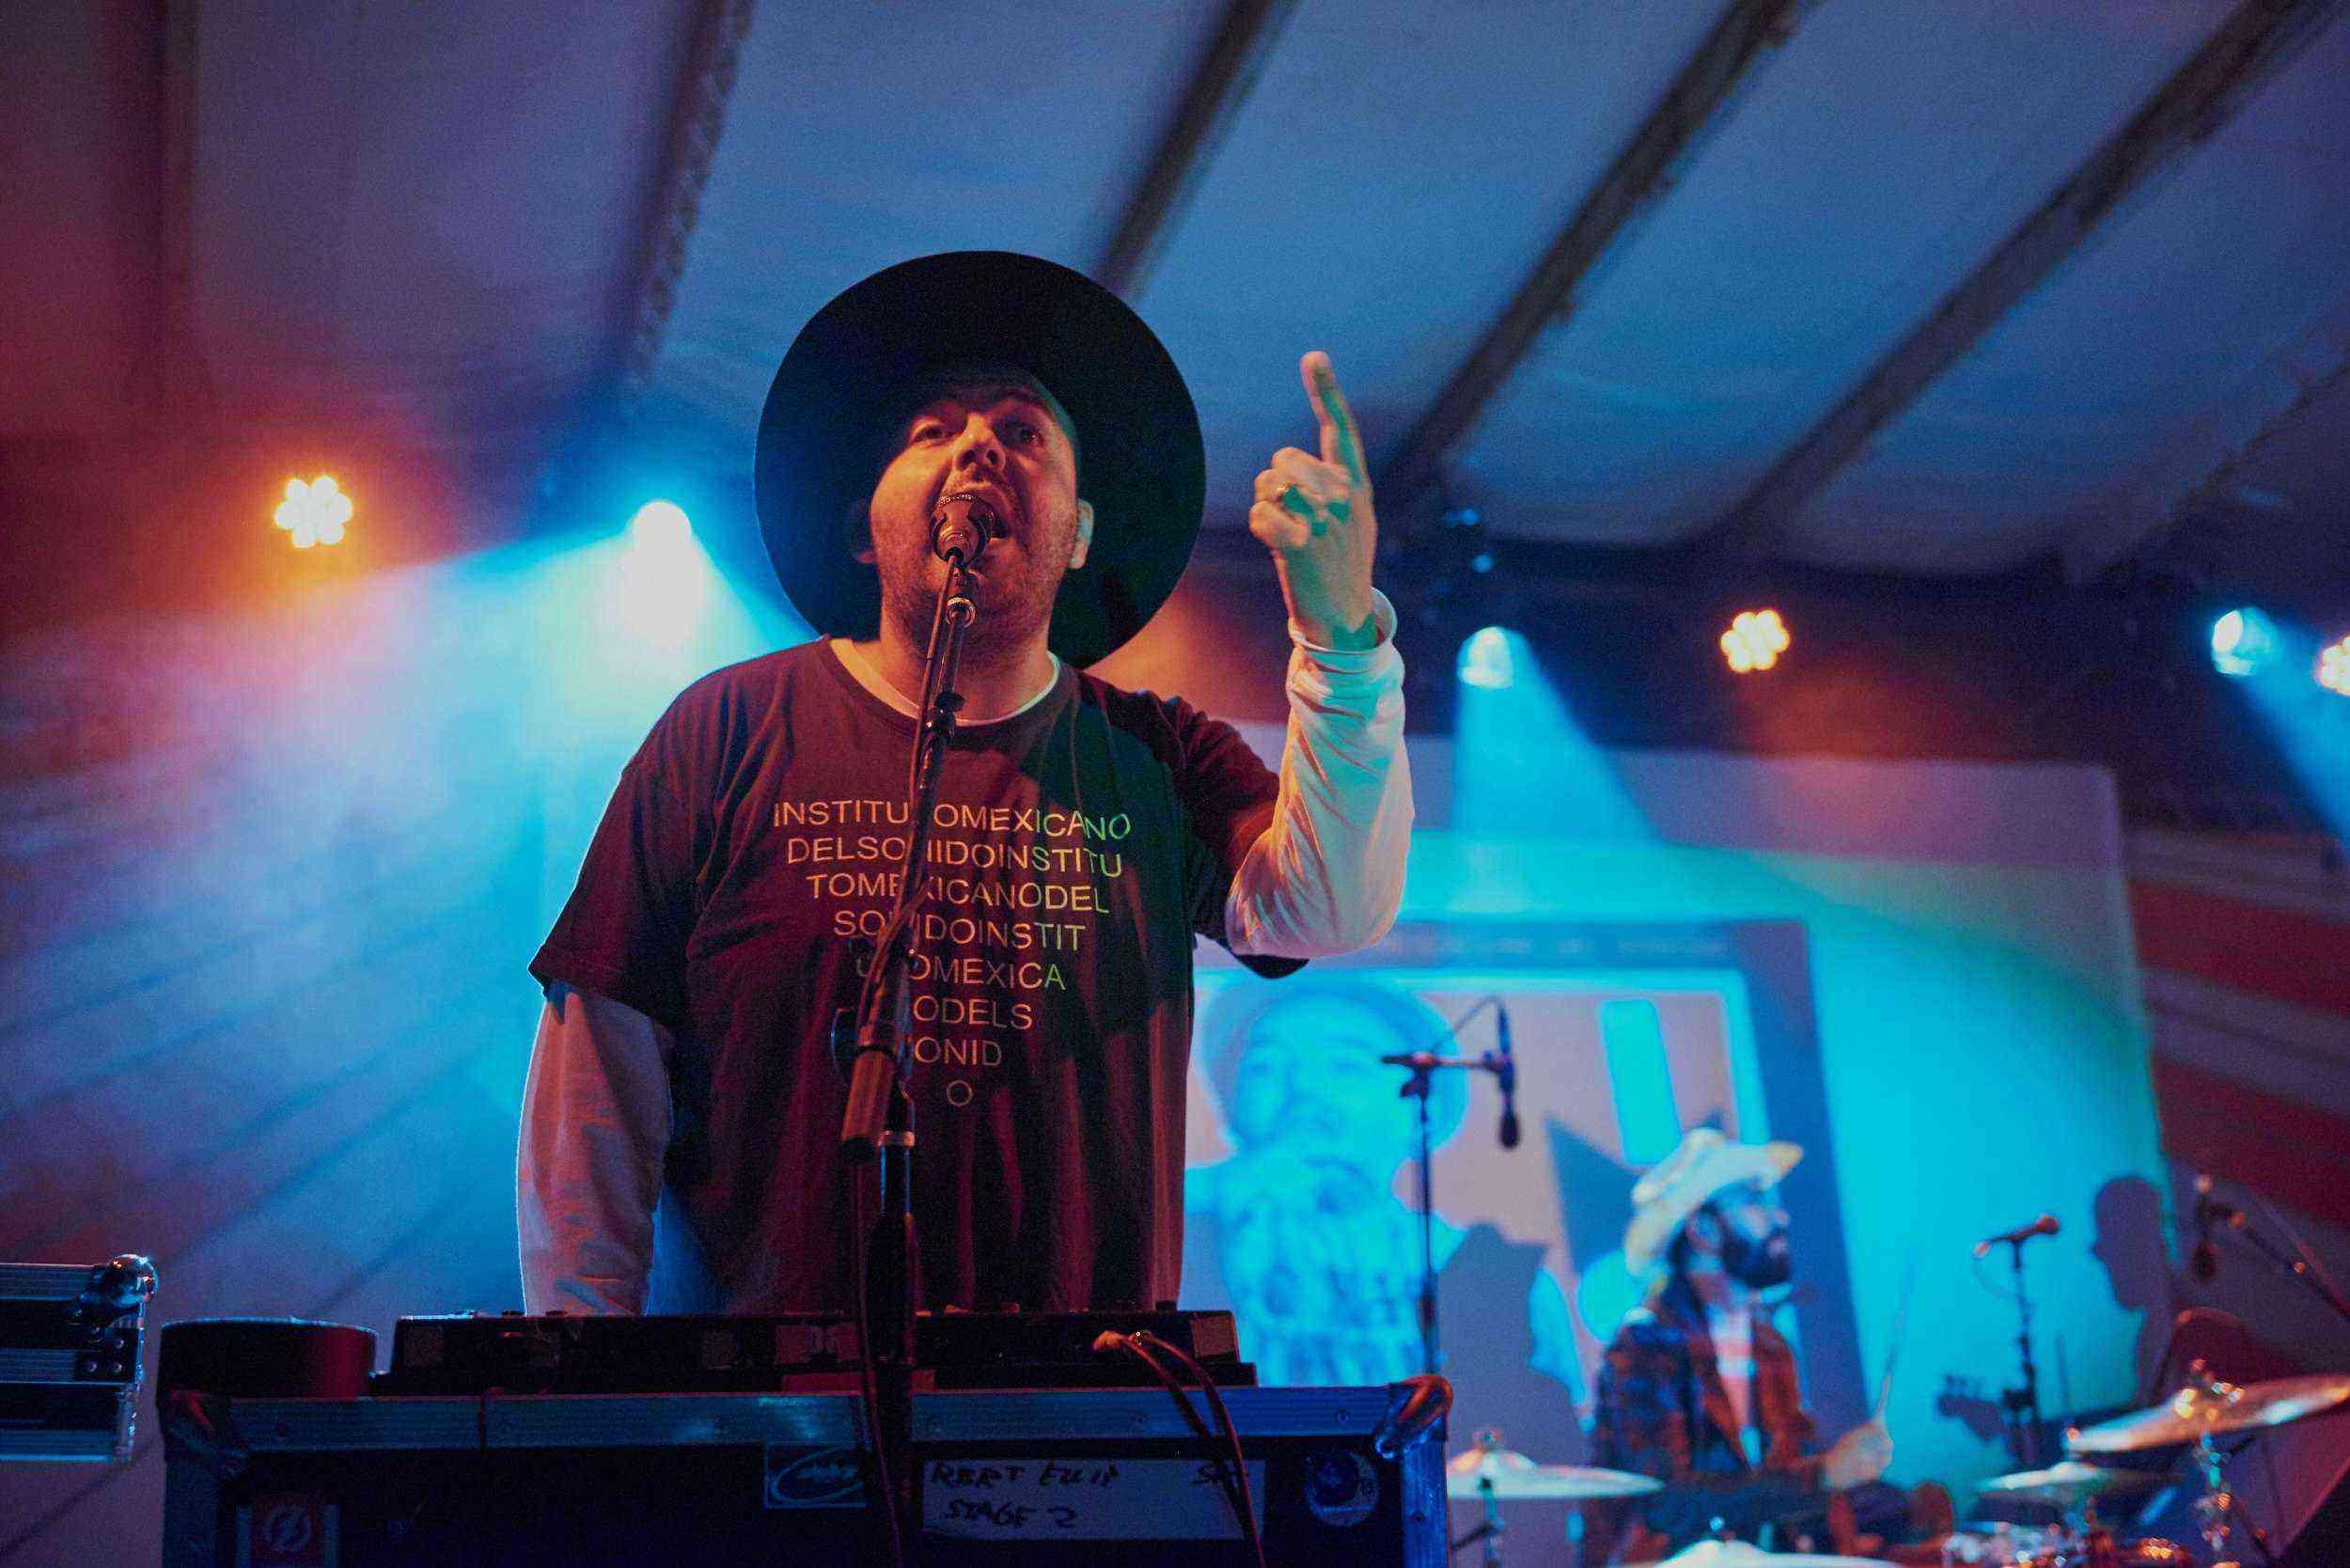 Coolest-Music-Festival-in-U.S.-05.jpg